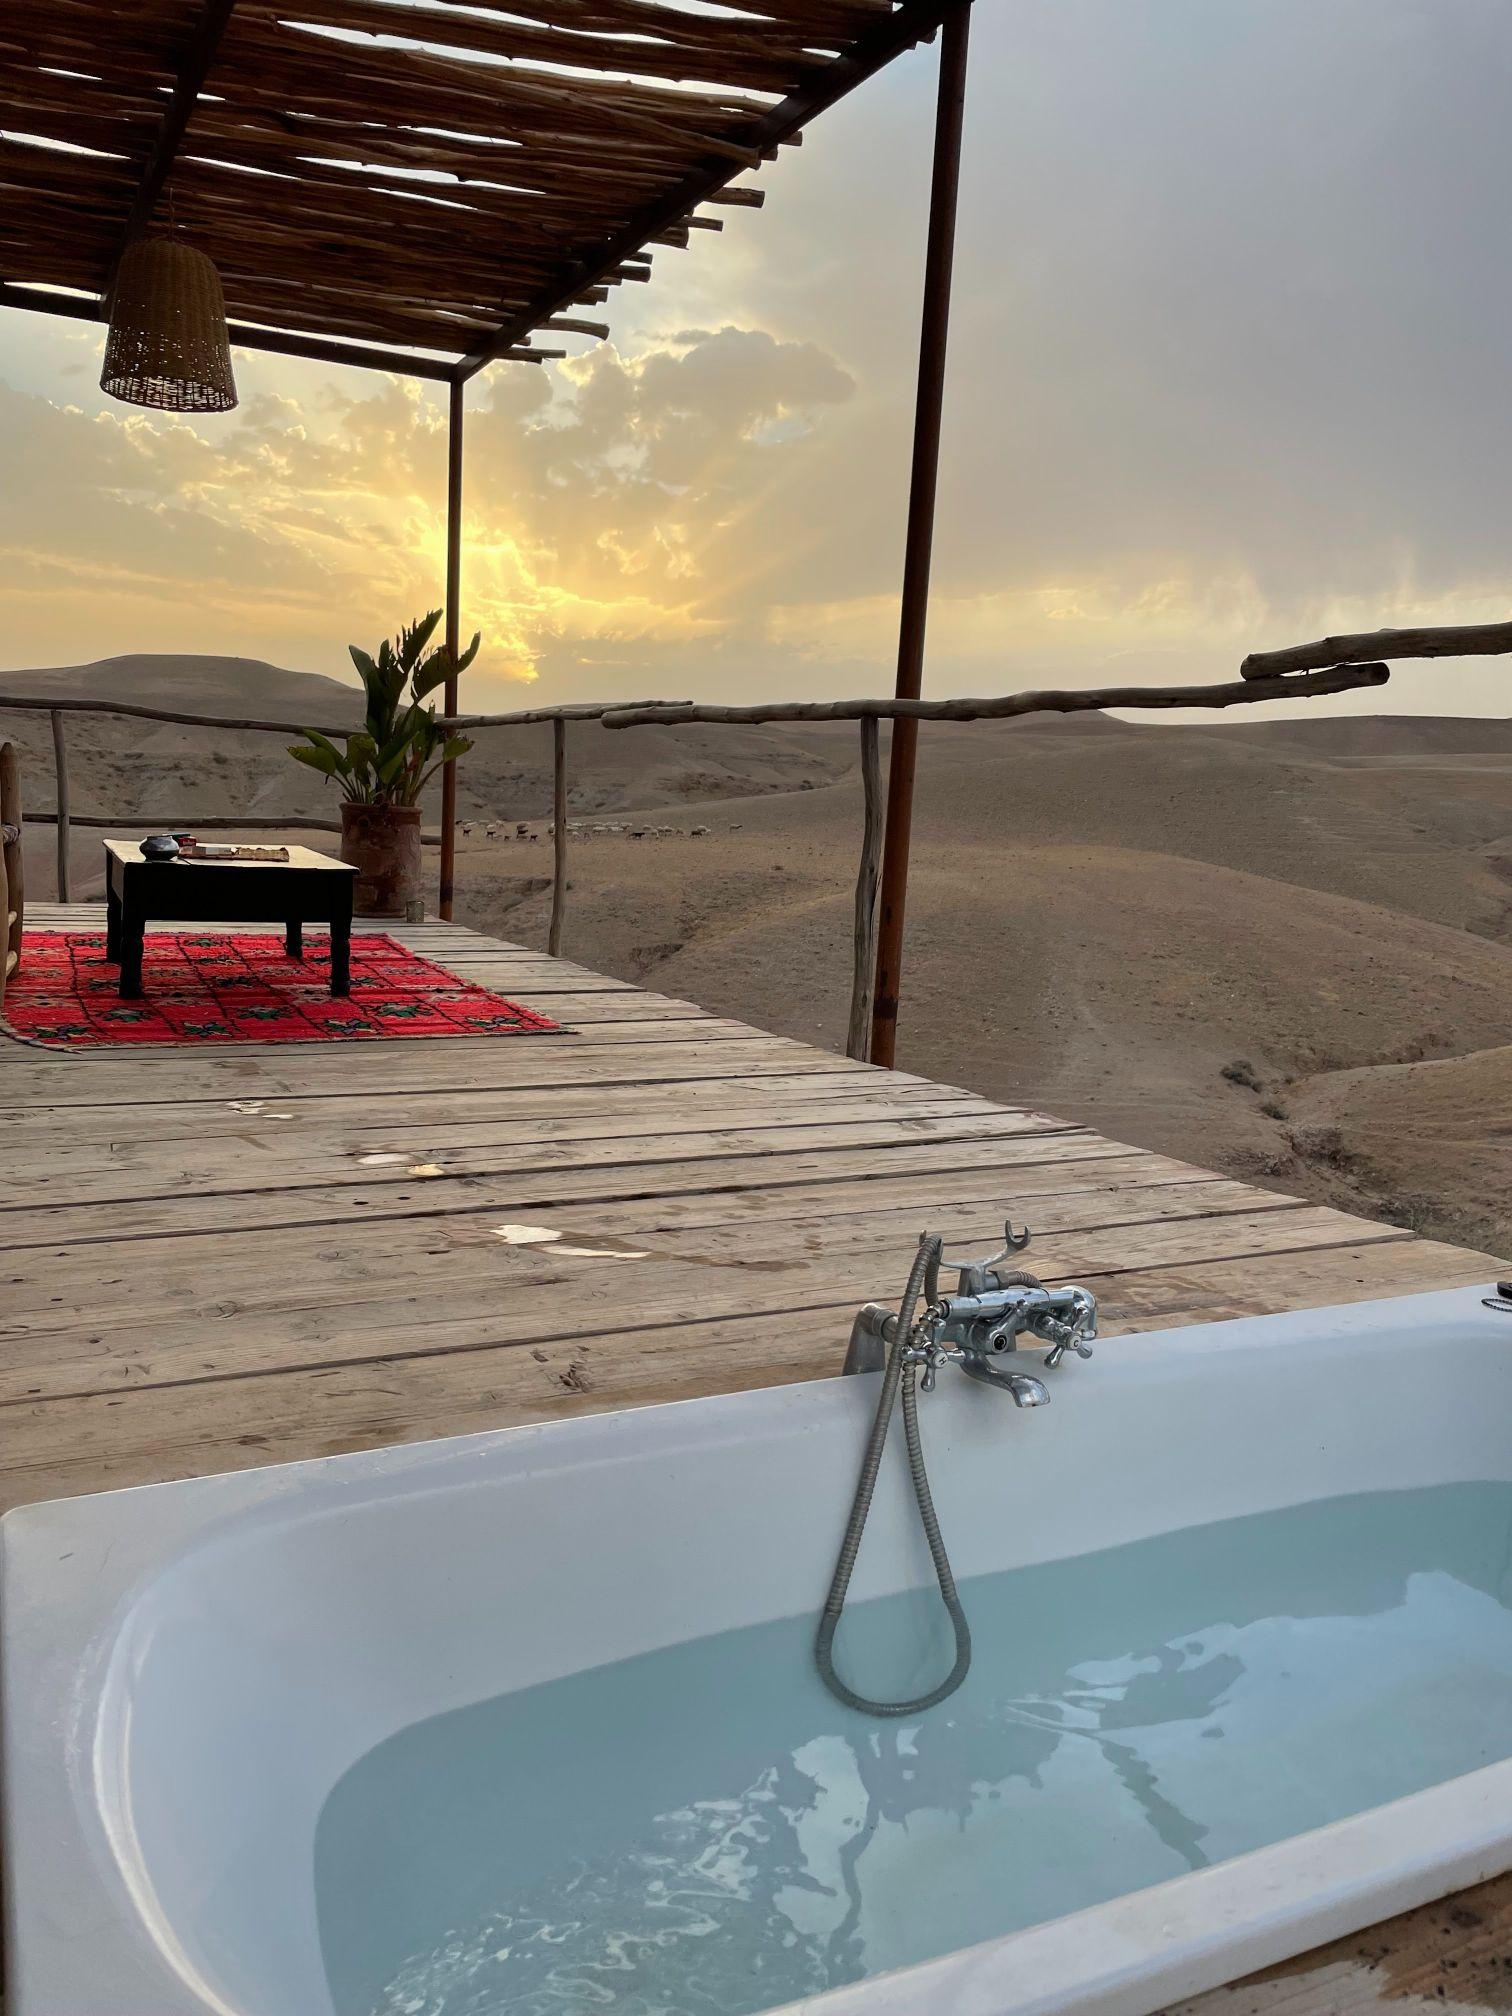 bathtub on porch in agafay desert morocco sunrise